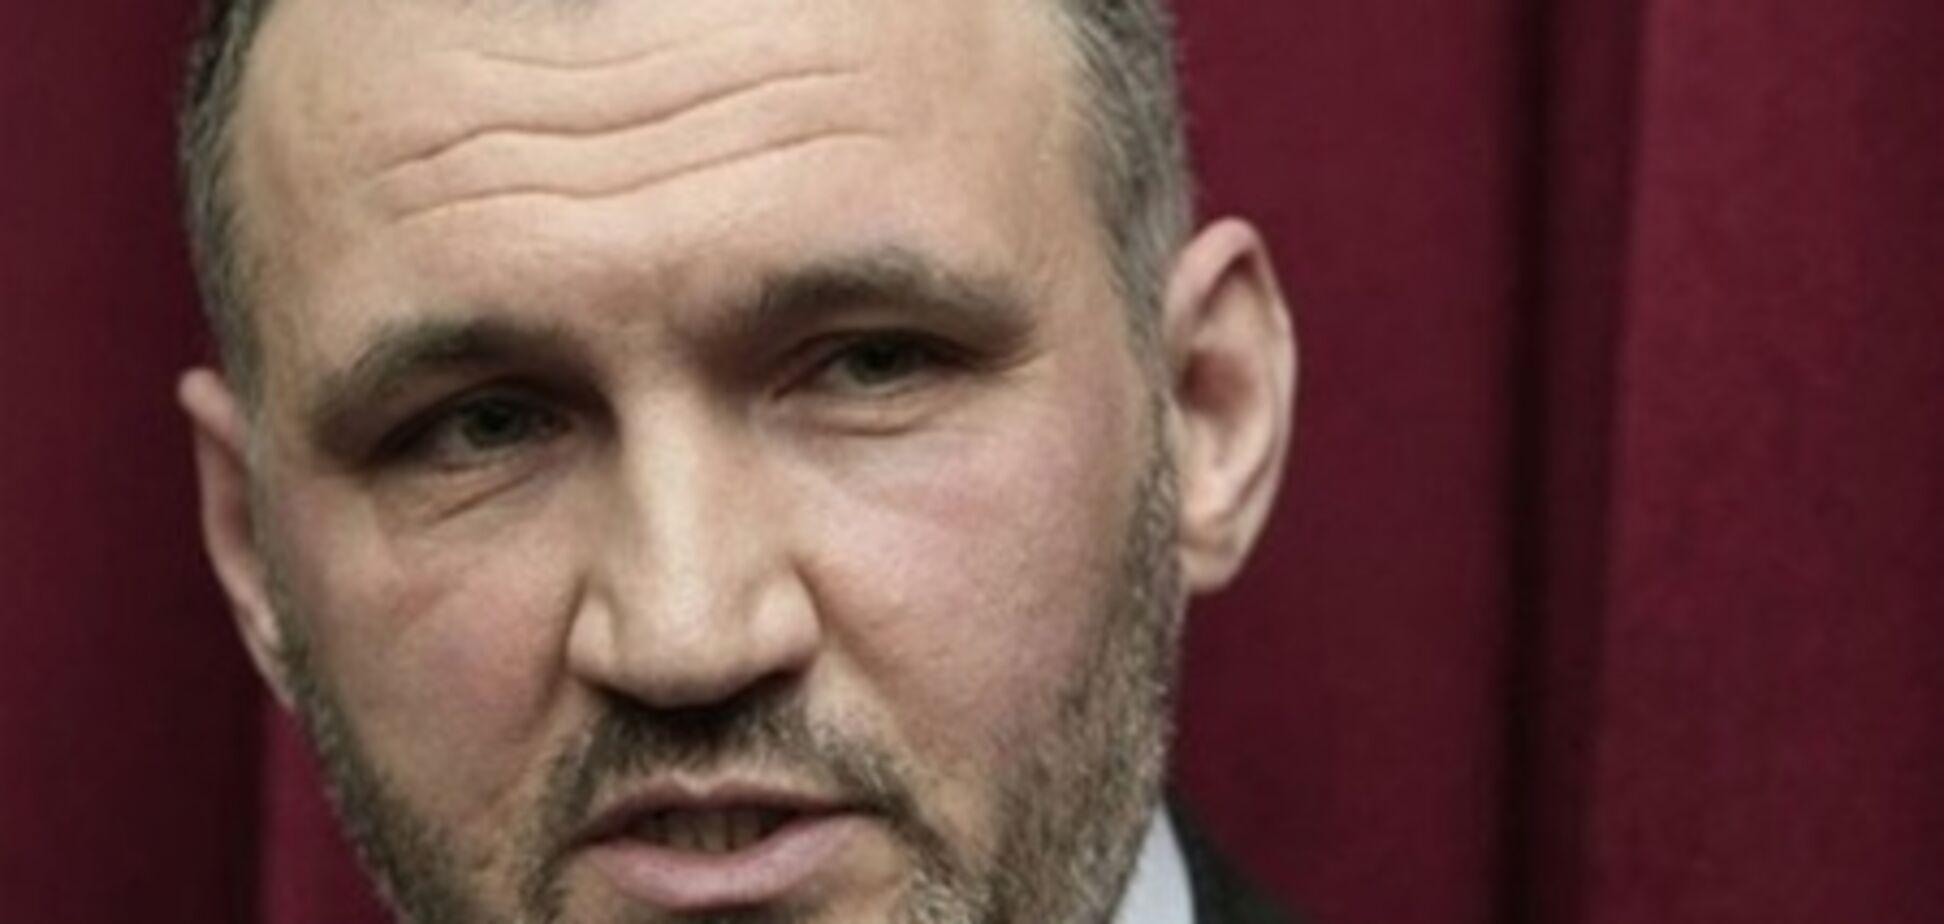 Кузьмін: ті, хто називають Тимошенко злочинницею, мають рацію